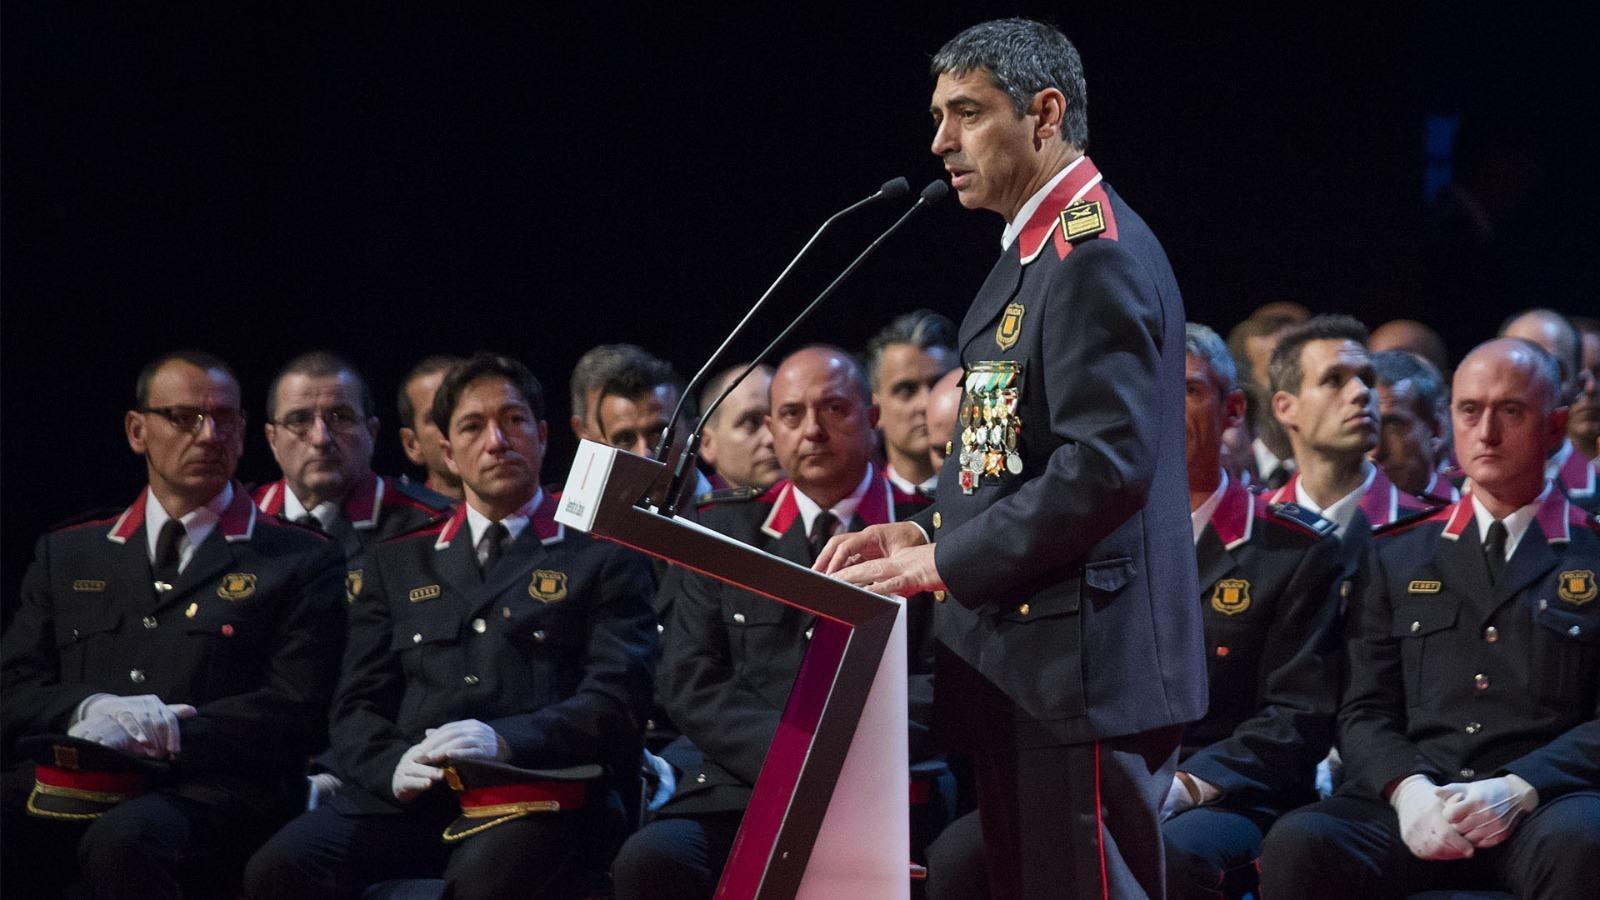 El major Trapero i la cúpula dels Mossos, absolts; Vox censura Sánchez, i Mas es defensa d'Osàcar: les claus del dia, amb Antoni Bassas (21/10/2020)